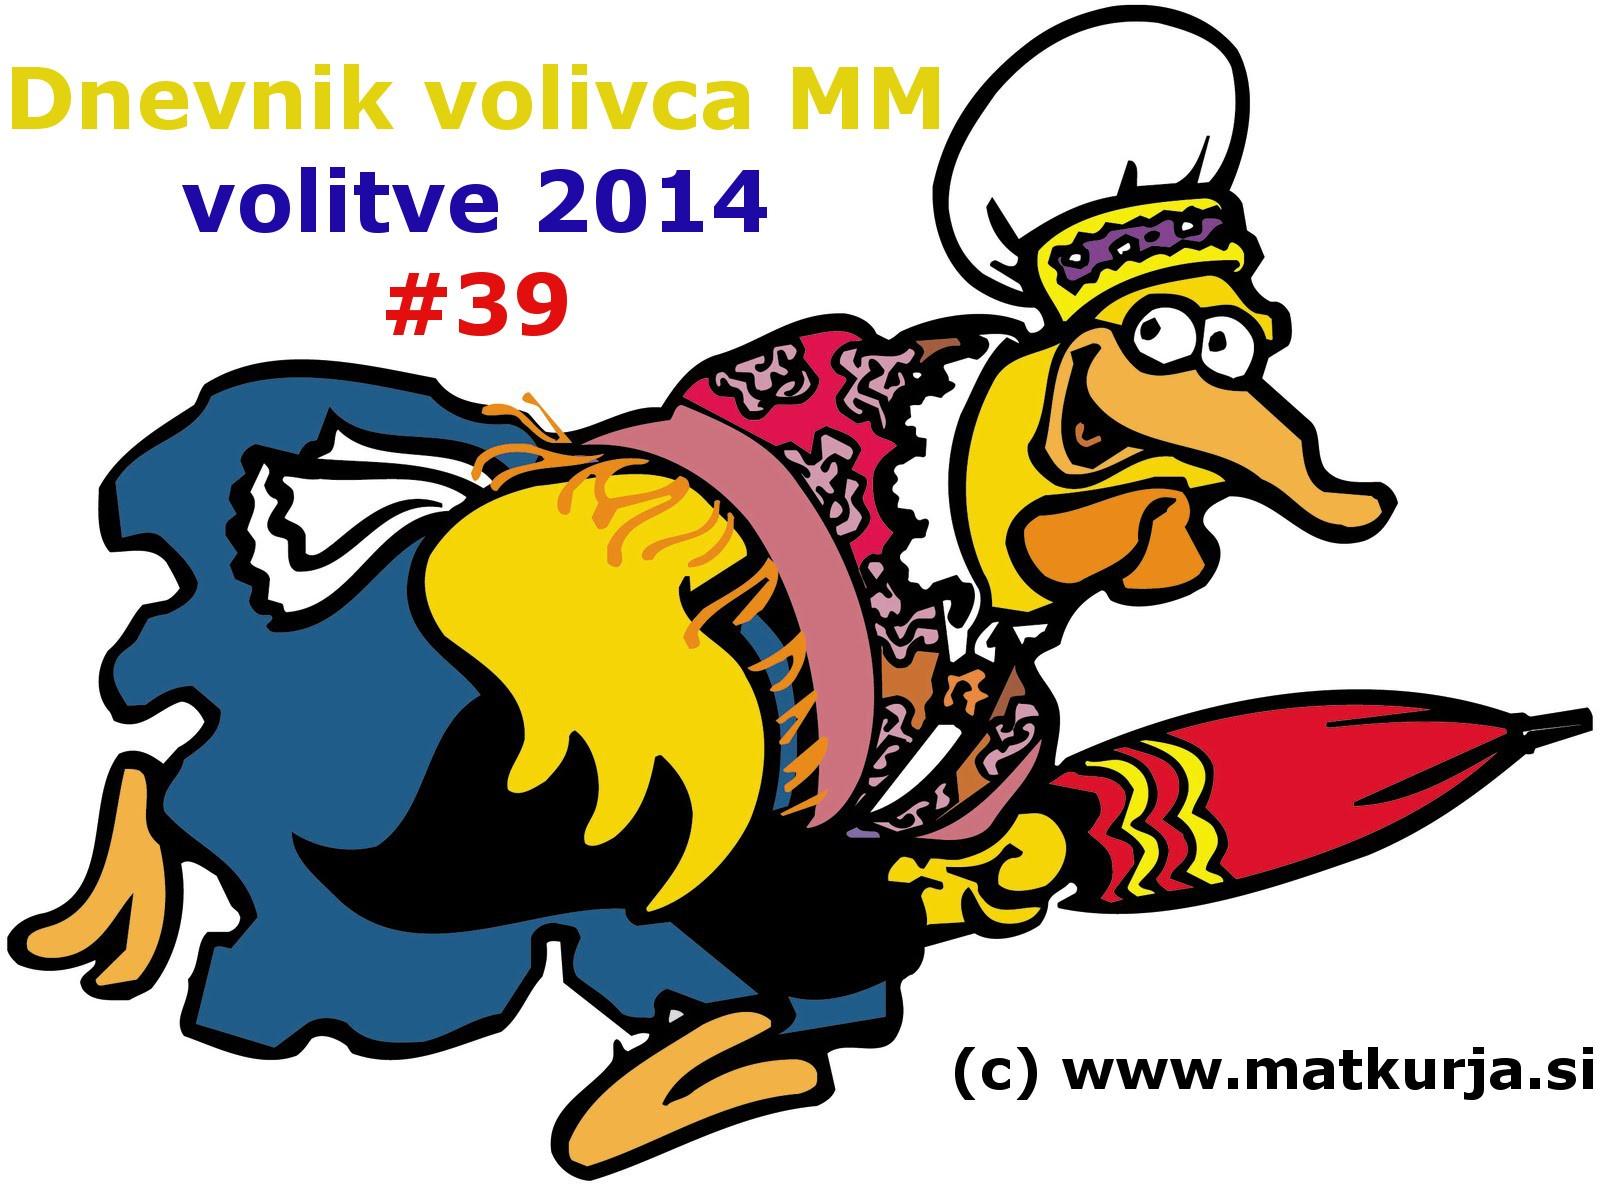 Dnevnik volivca 039 - Dnevnik volivca MM (volitve 2014) – #39